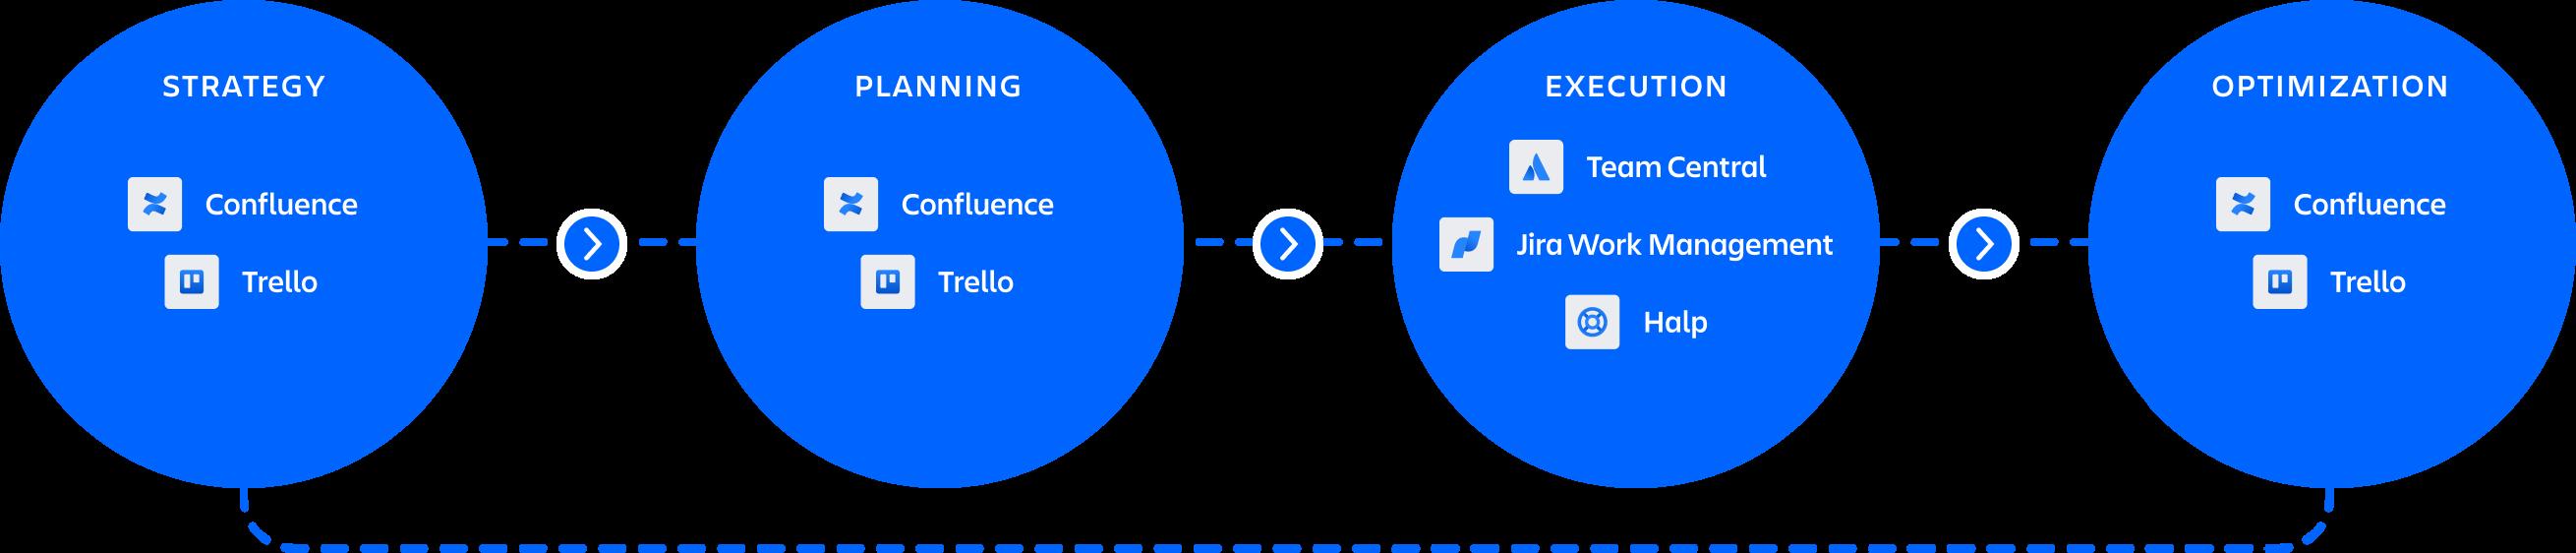 인재 확보 제품의 그래픽: Confluence 및 Jira Work Management와 온보딩 제품: Trello 및 Jira Work Management